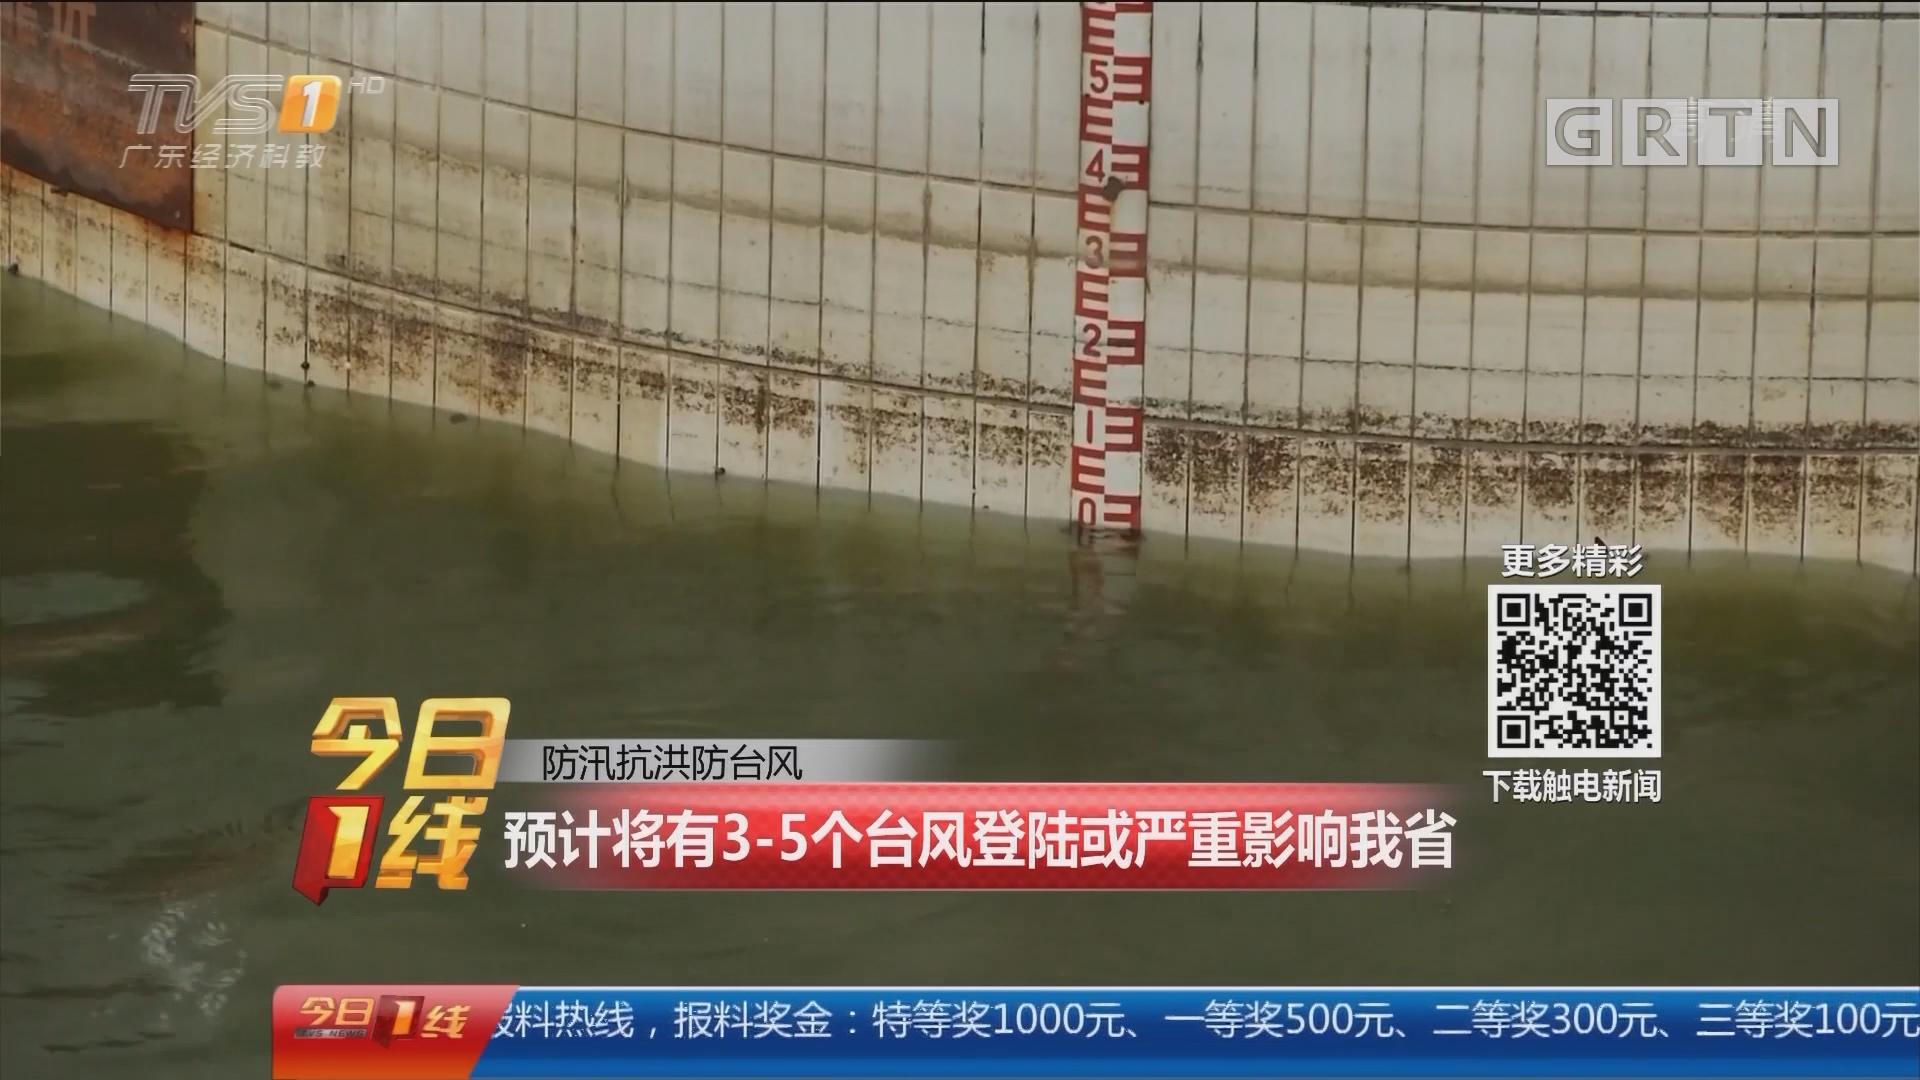 防汛抗洪防台风:预计将有3-5个台风登陆或严重影响我省